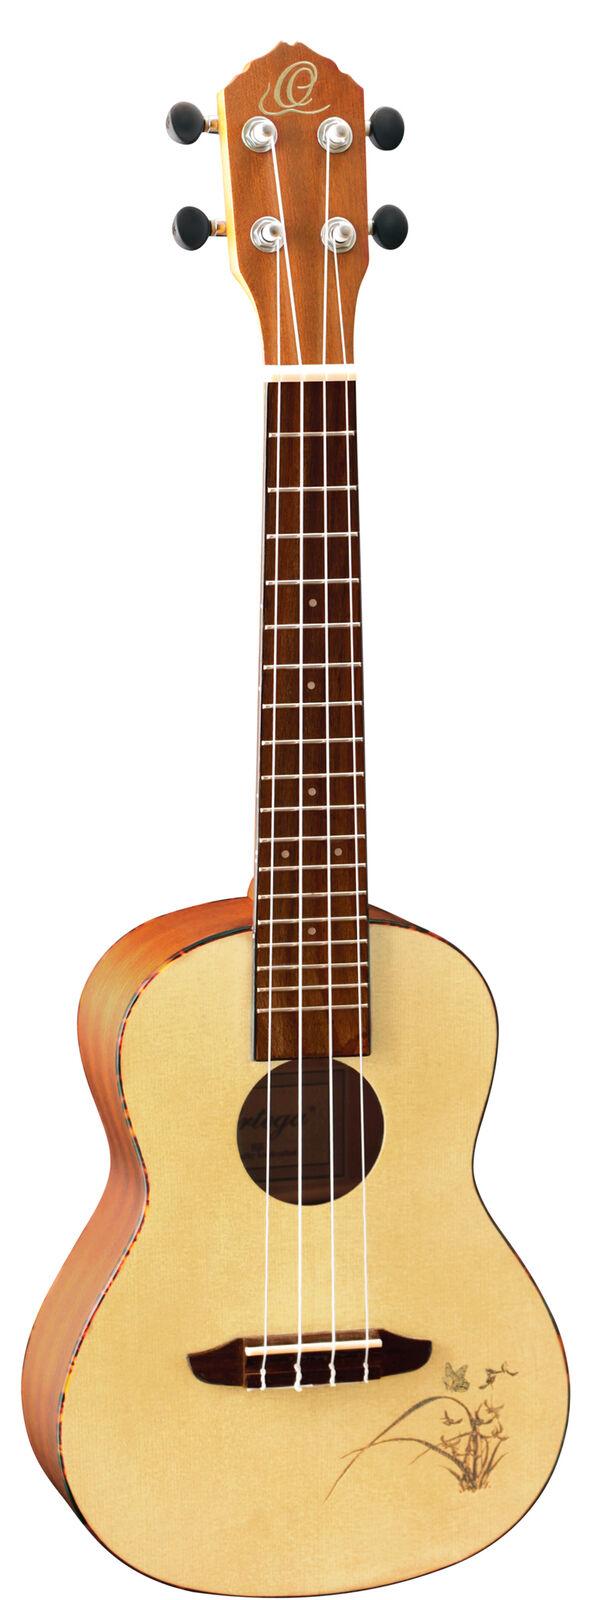 Ideal für unterwegs! Wunderschöne Ortega Konzert Ukulele aus Sapele in Natur